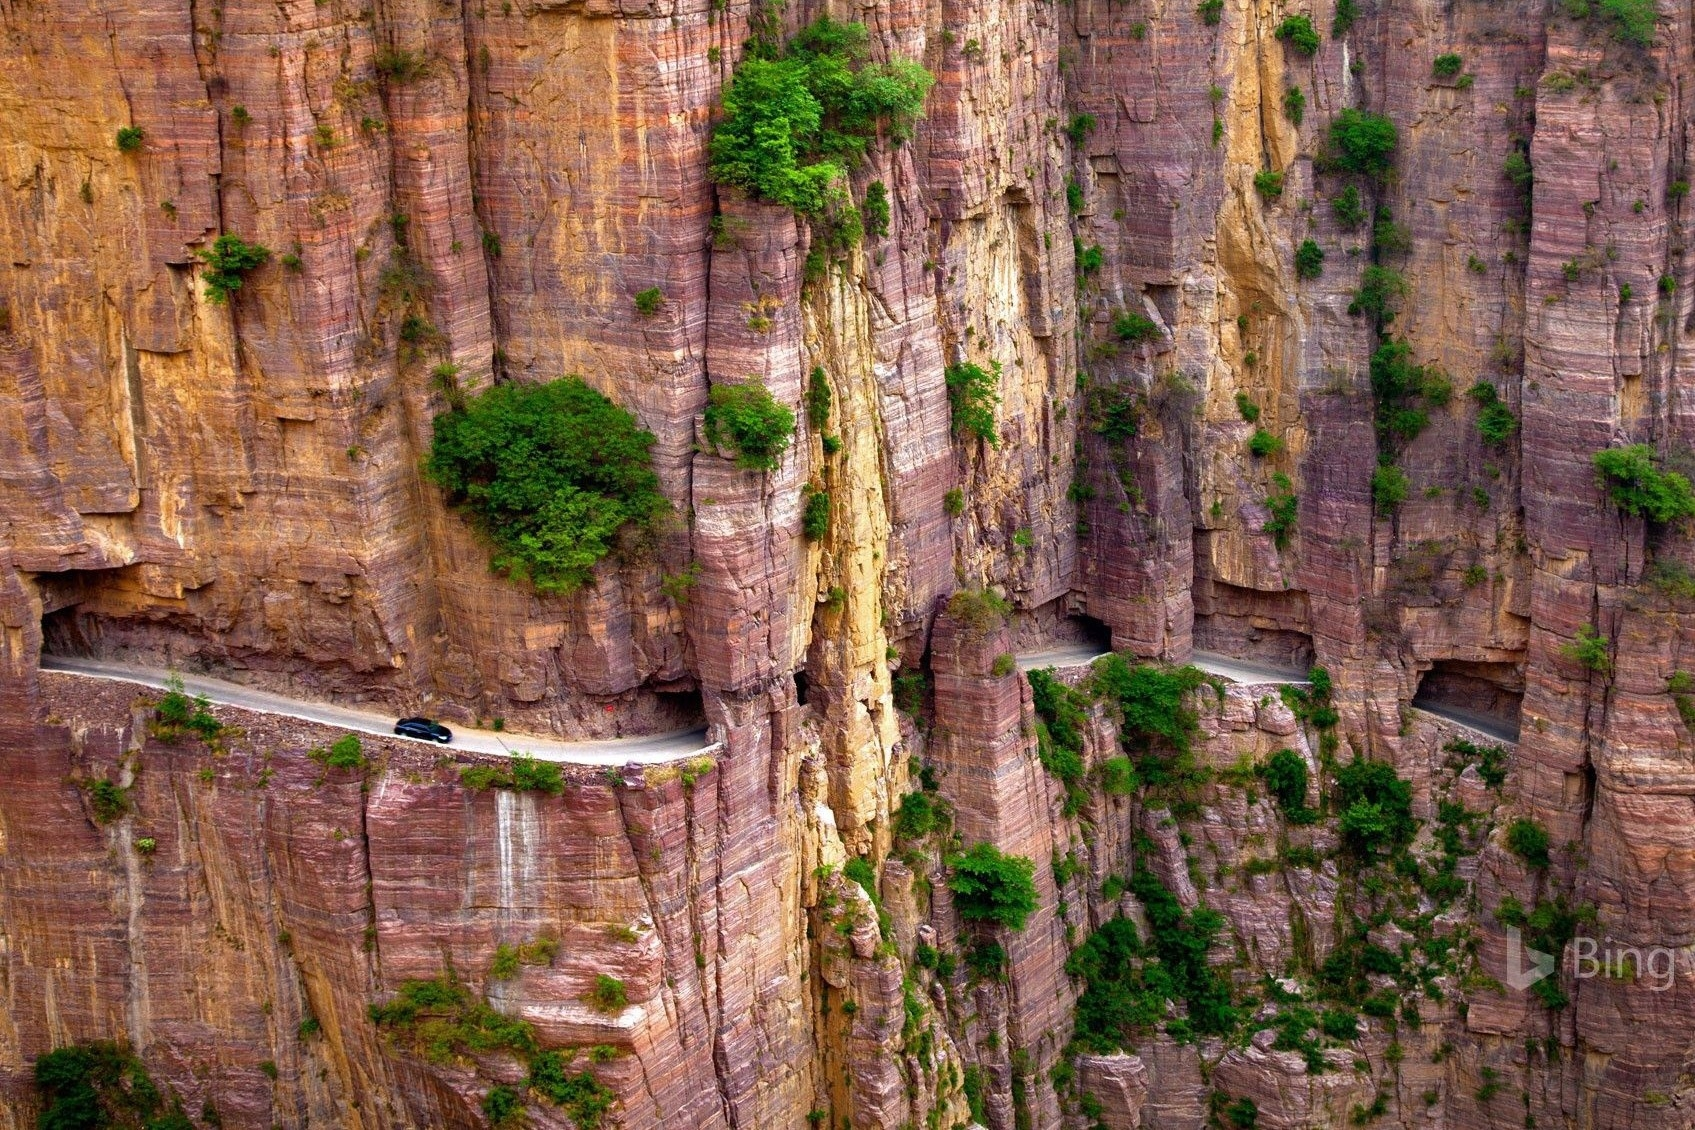 Cung đường khoét núi nguy hiểm nhất thế giới